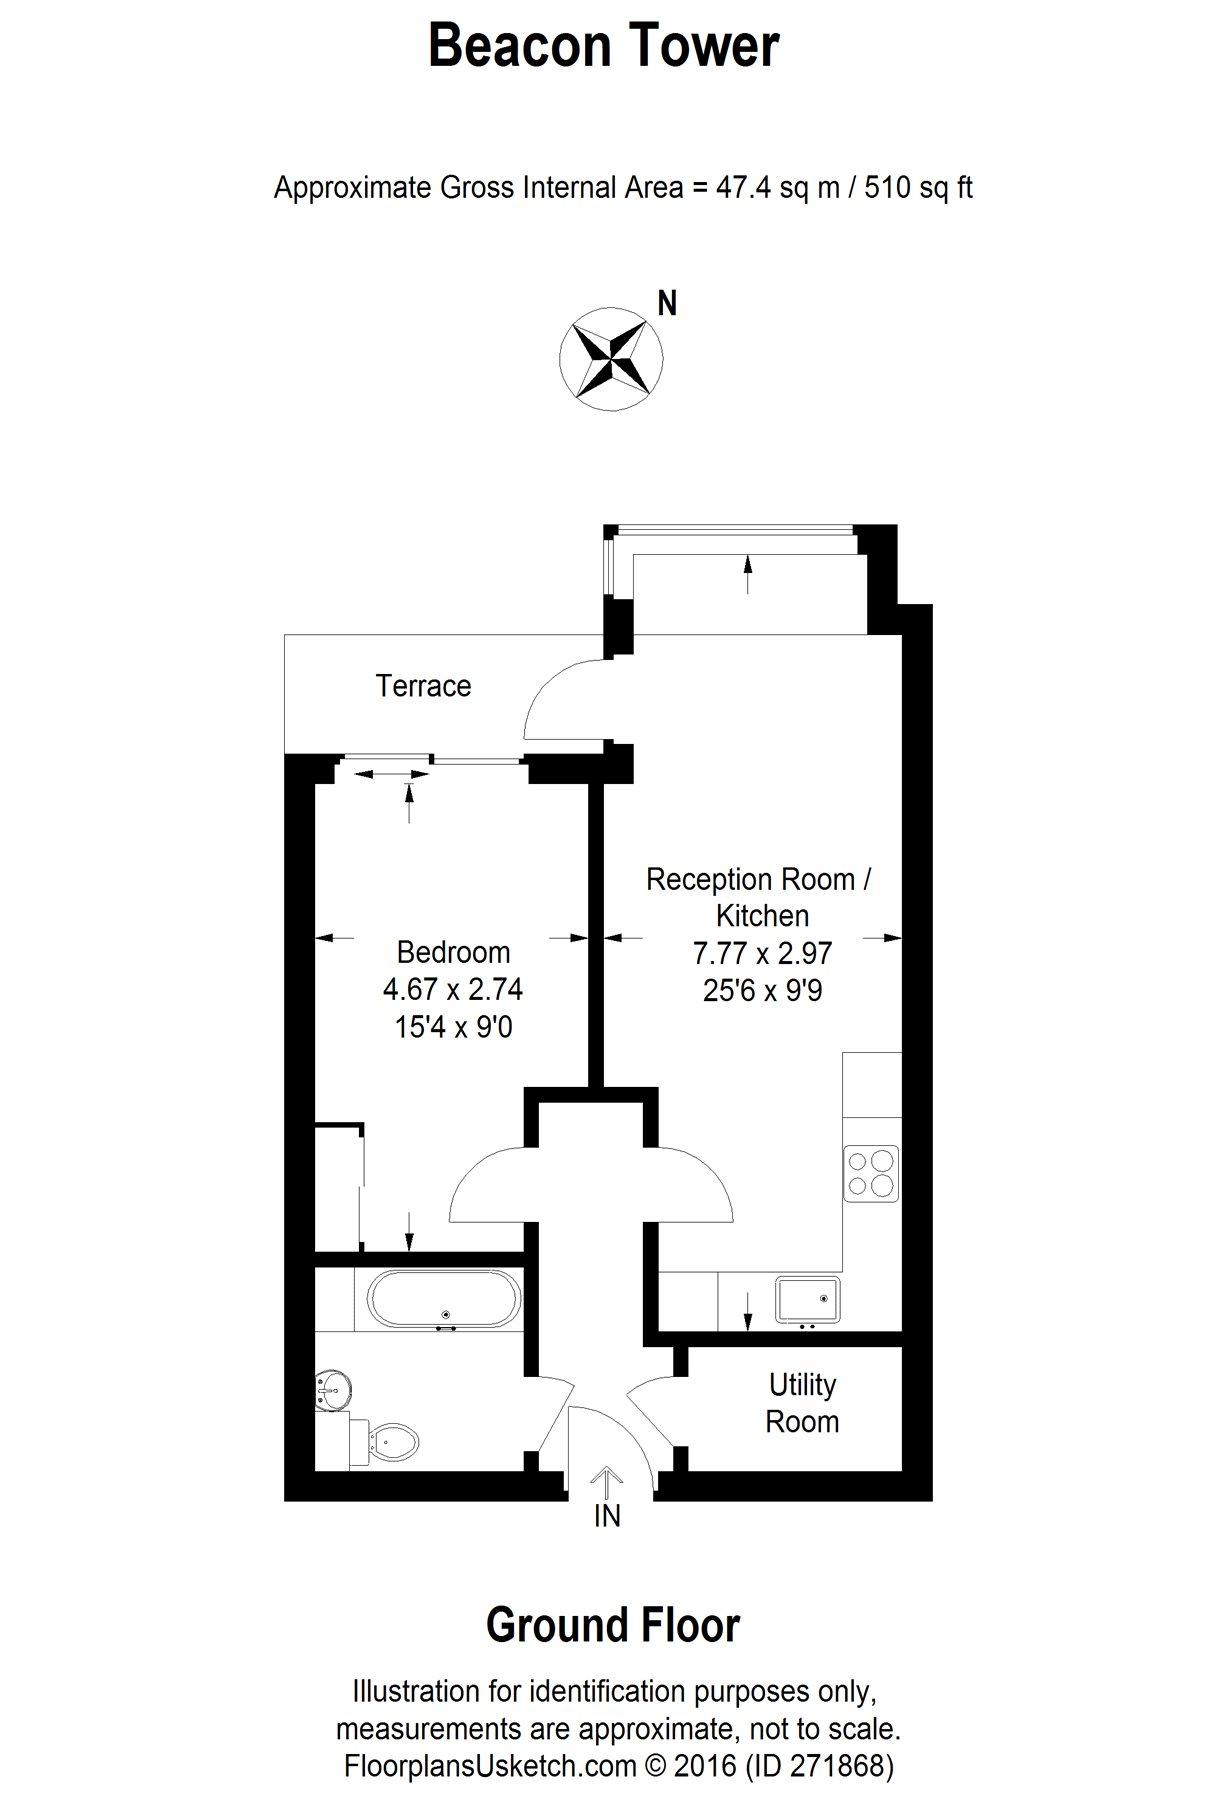 1 Bedroom Flat For Sale In Beacon Tower 1 Spectrum Way